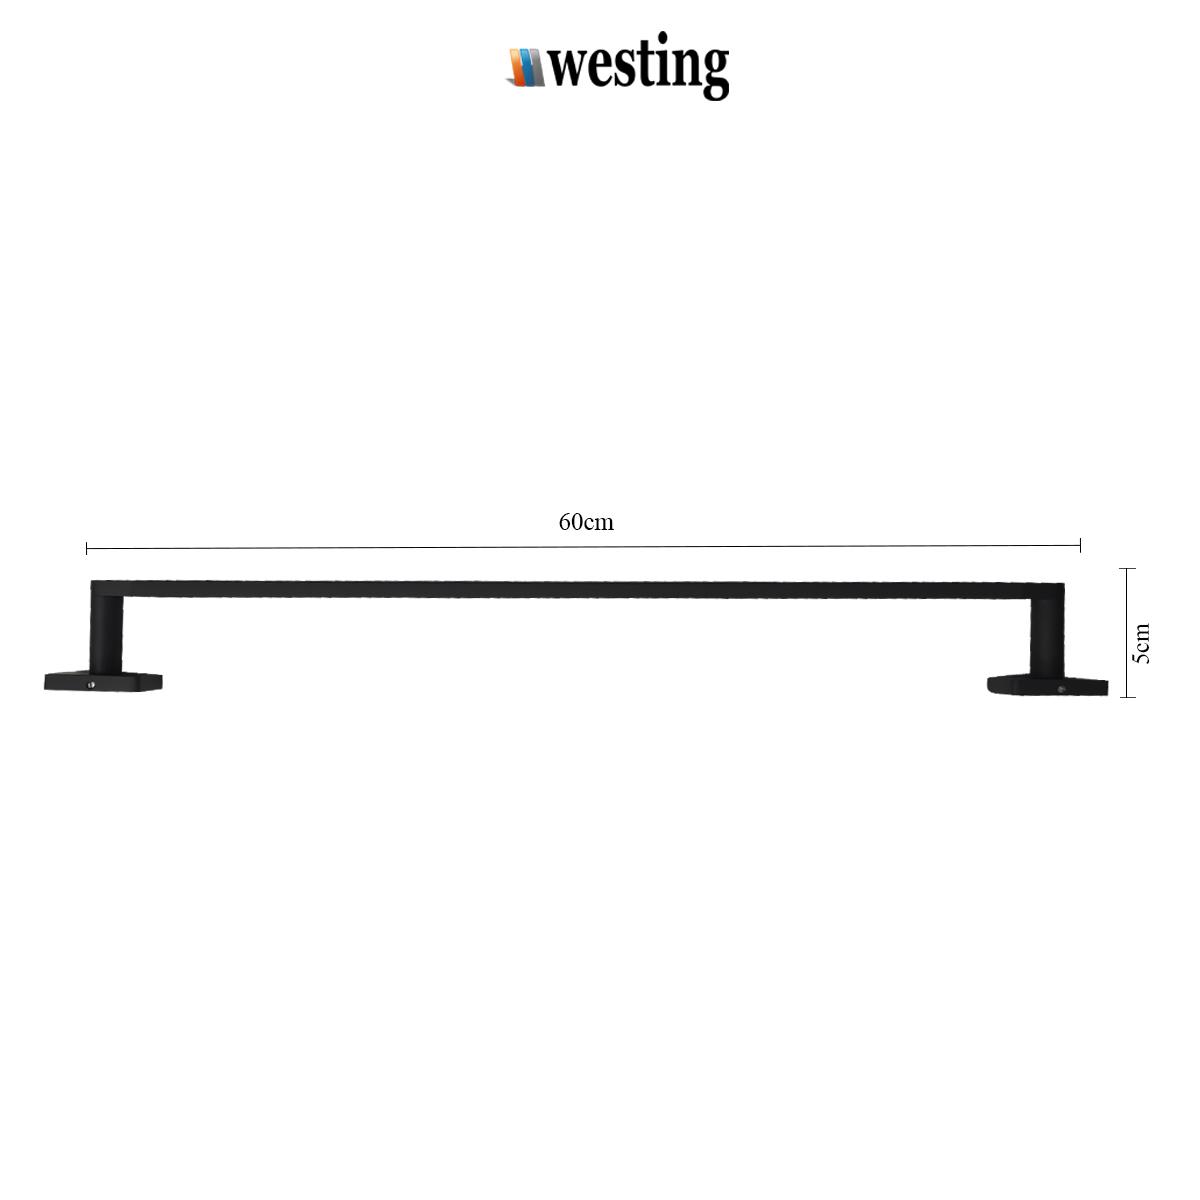 Porta Toalha de 60cm em Aço Inoxidável para banheiro - Westing